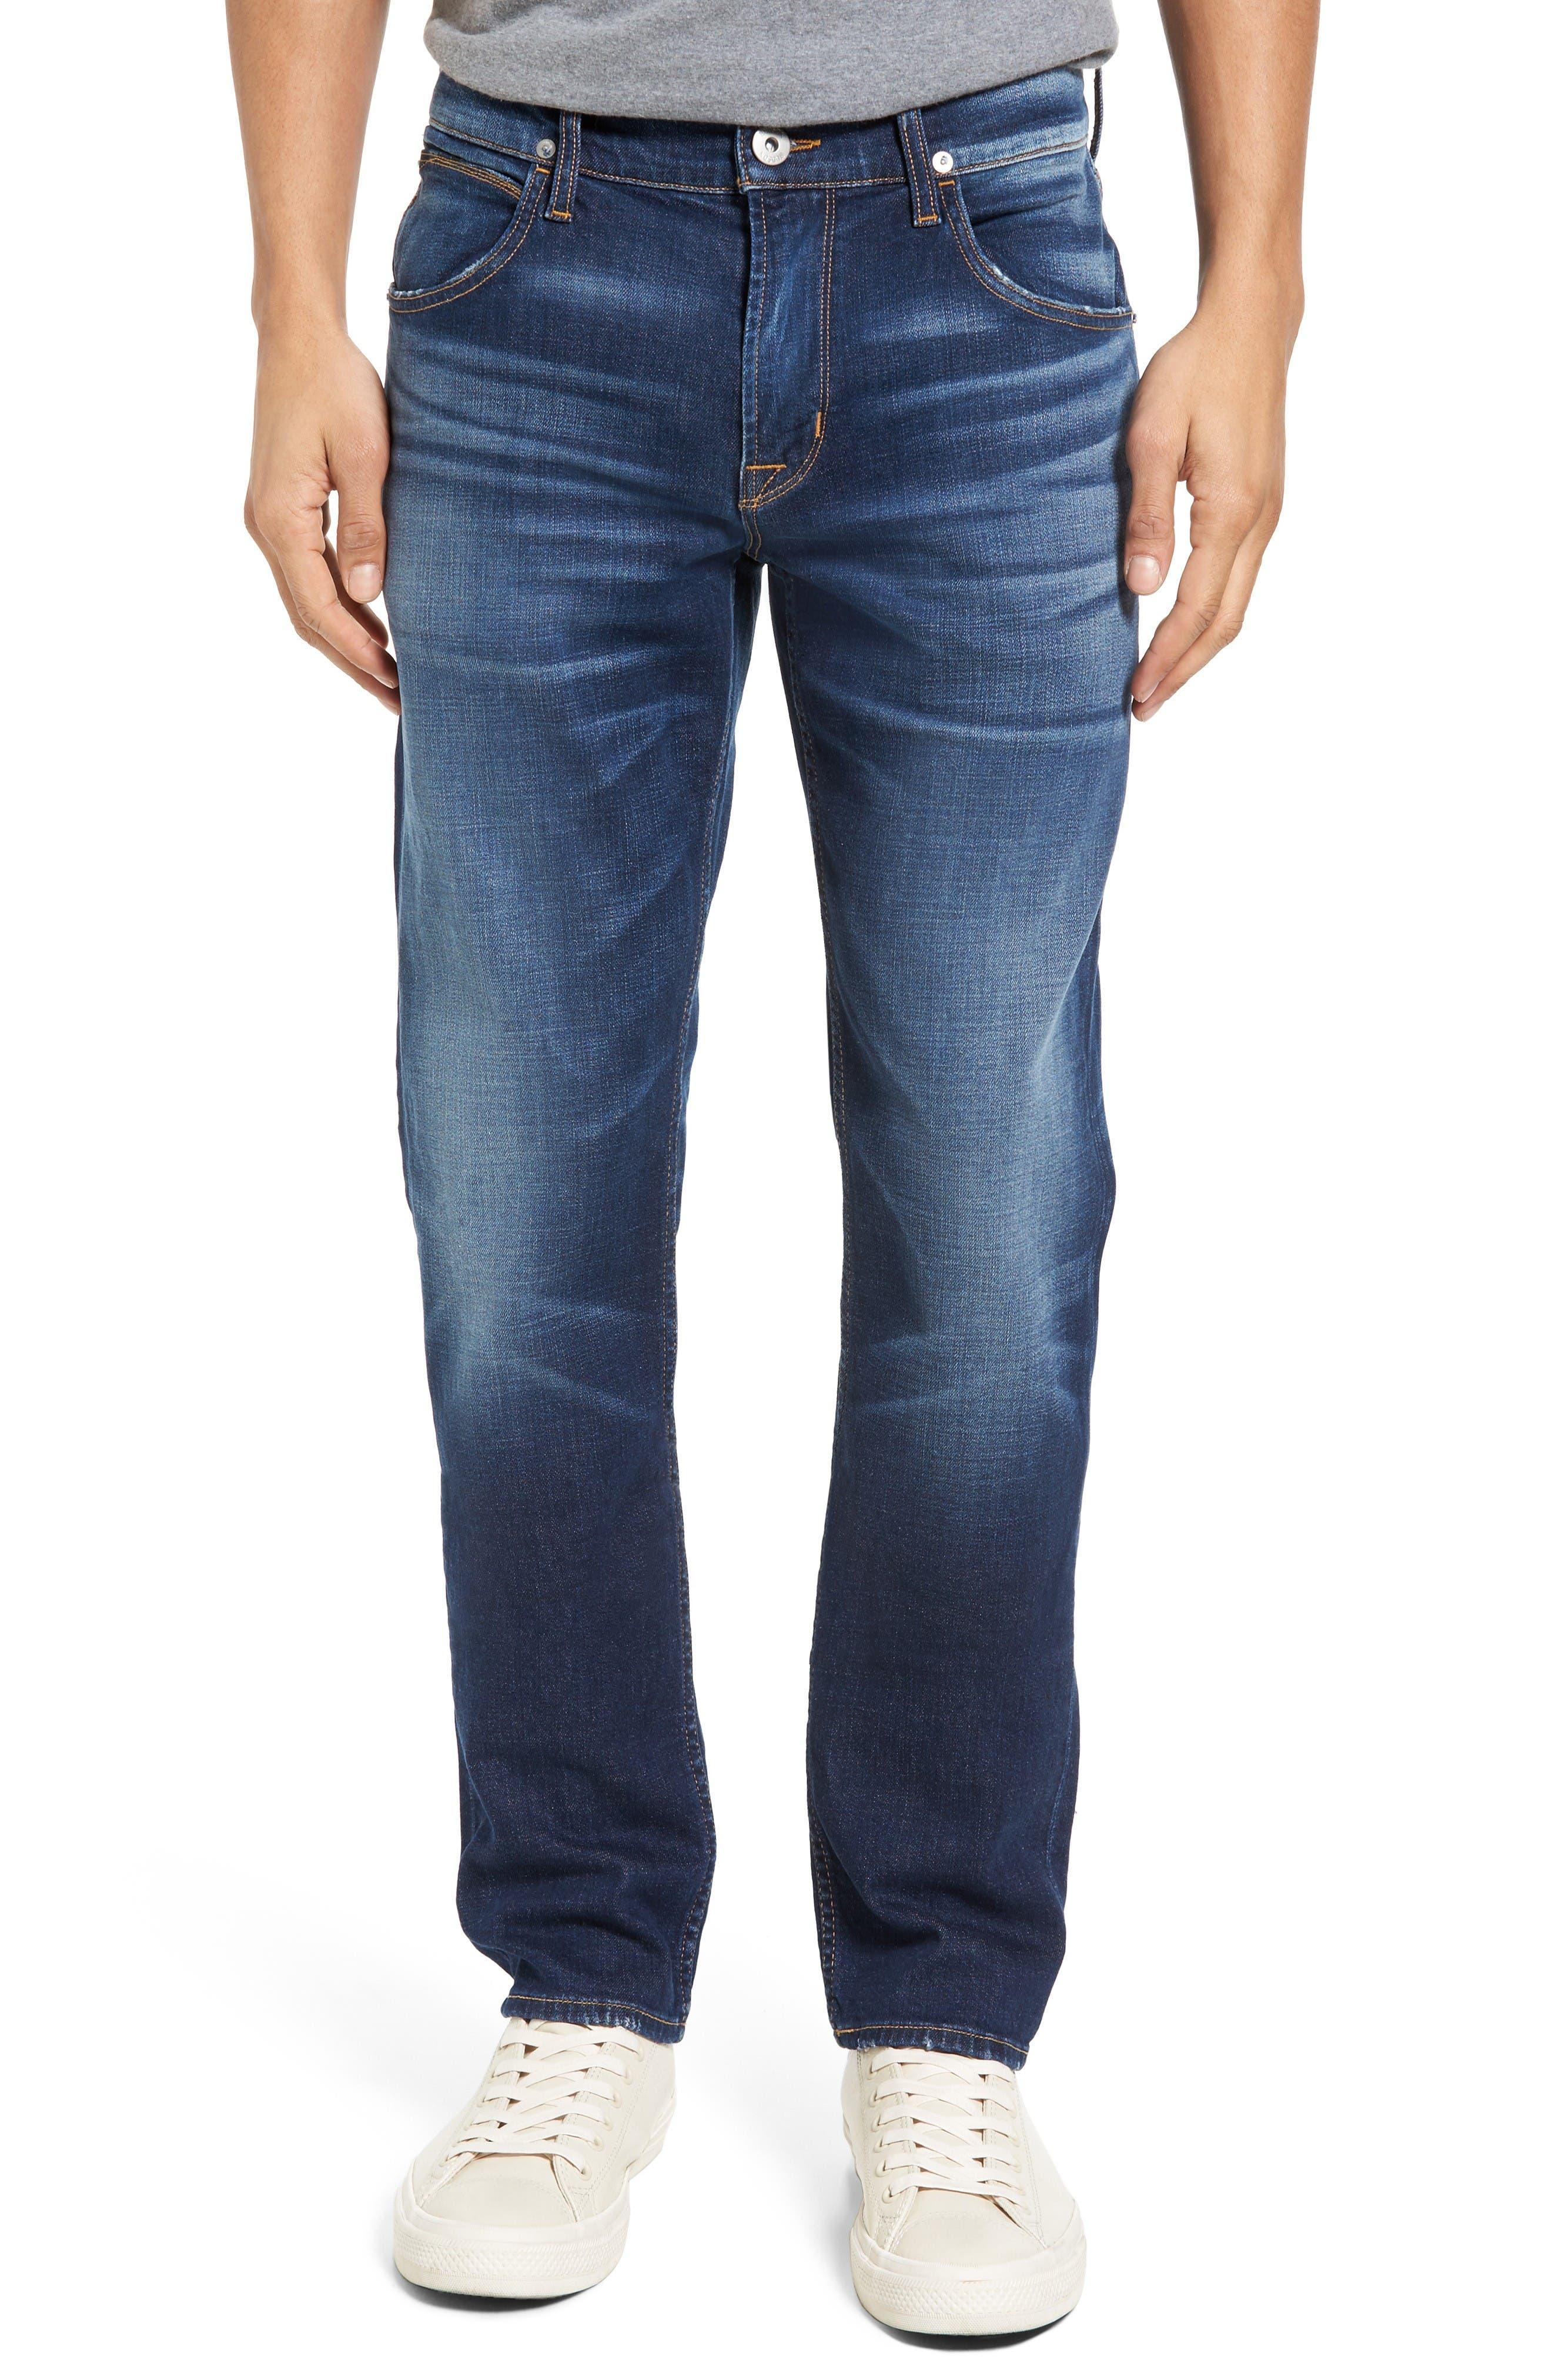 Main Image - Hudson Jeans Blake Slim Fit Jeans (Genuine)